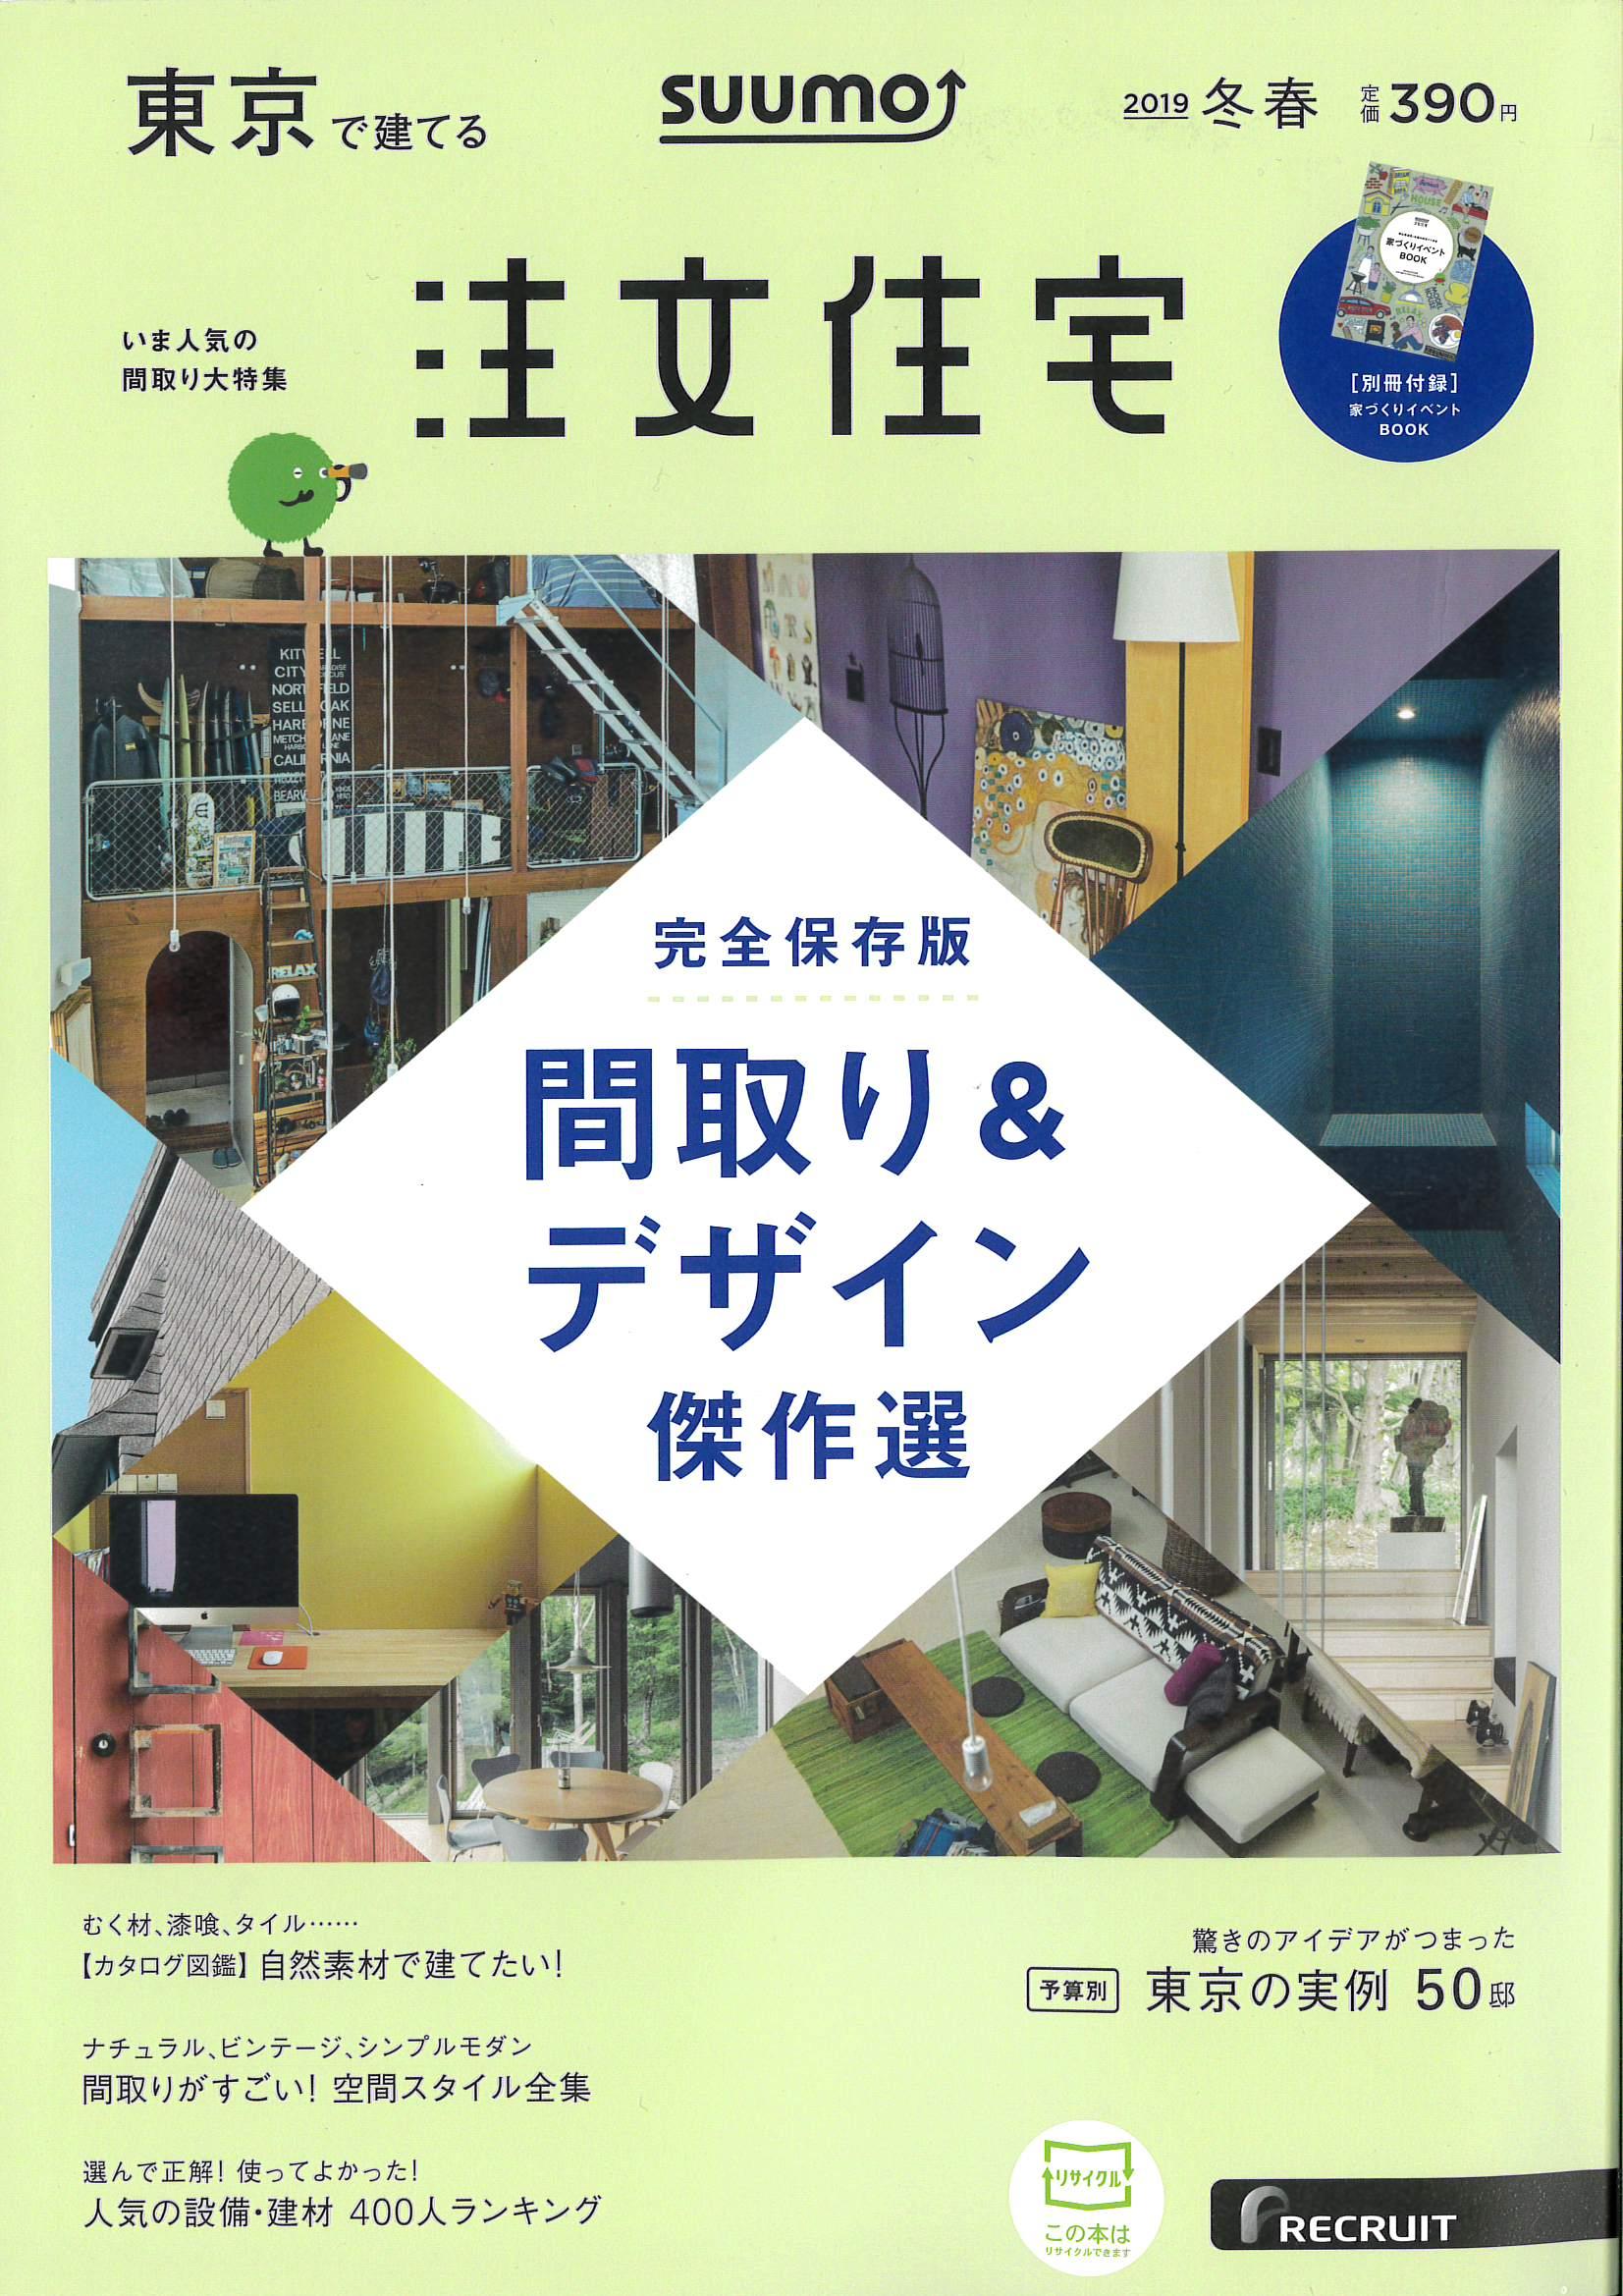 「東京で建てる suumo 注文住宅 2019冬春号」に掲載されました